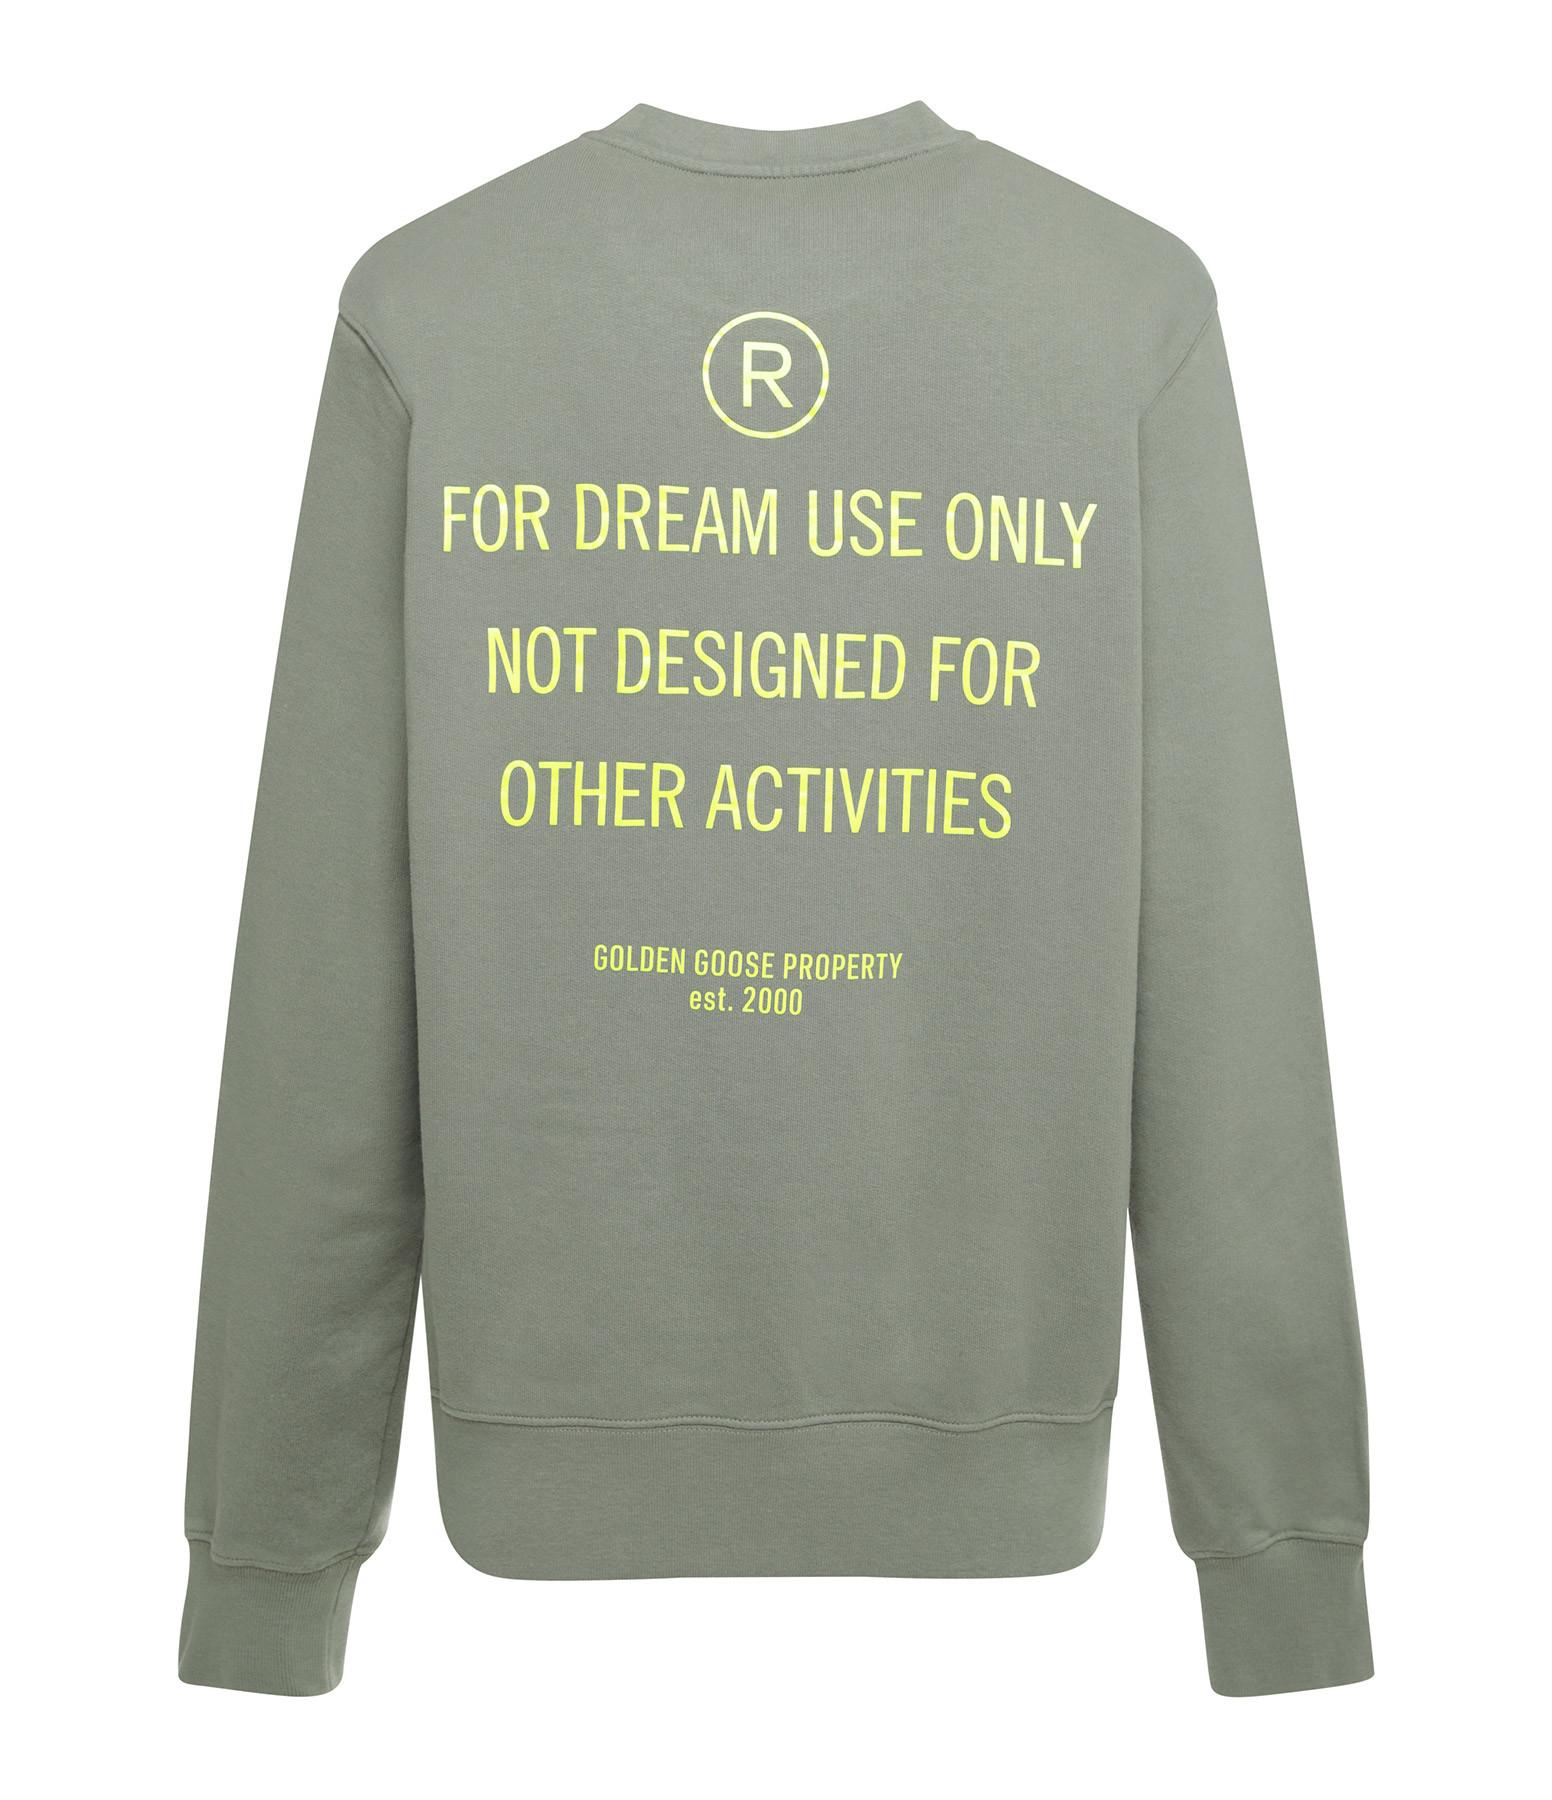 GOLDEN GOOSE - Sweatshirt Homme Archibald Dream Vert